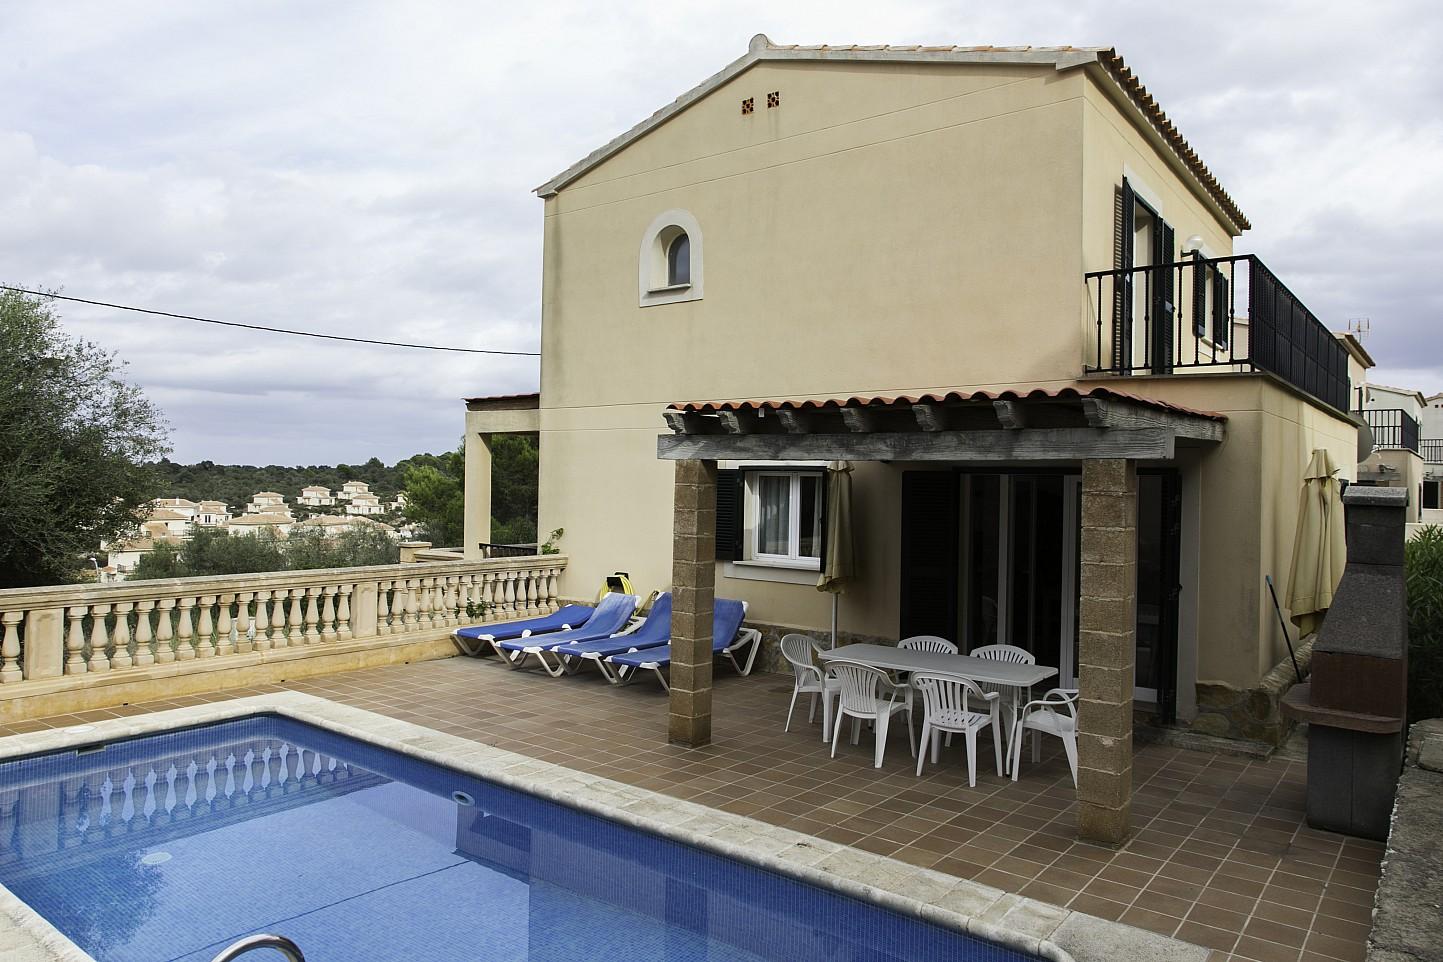 Piscina i porxo d'una casa en venda a Villas de Cala Romántica, Mallorca